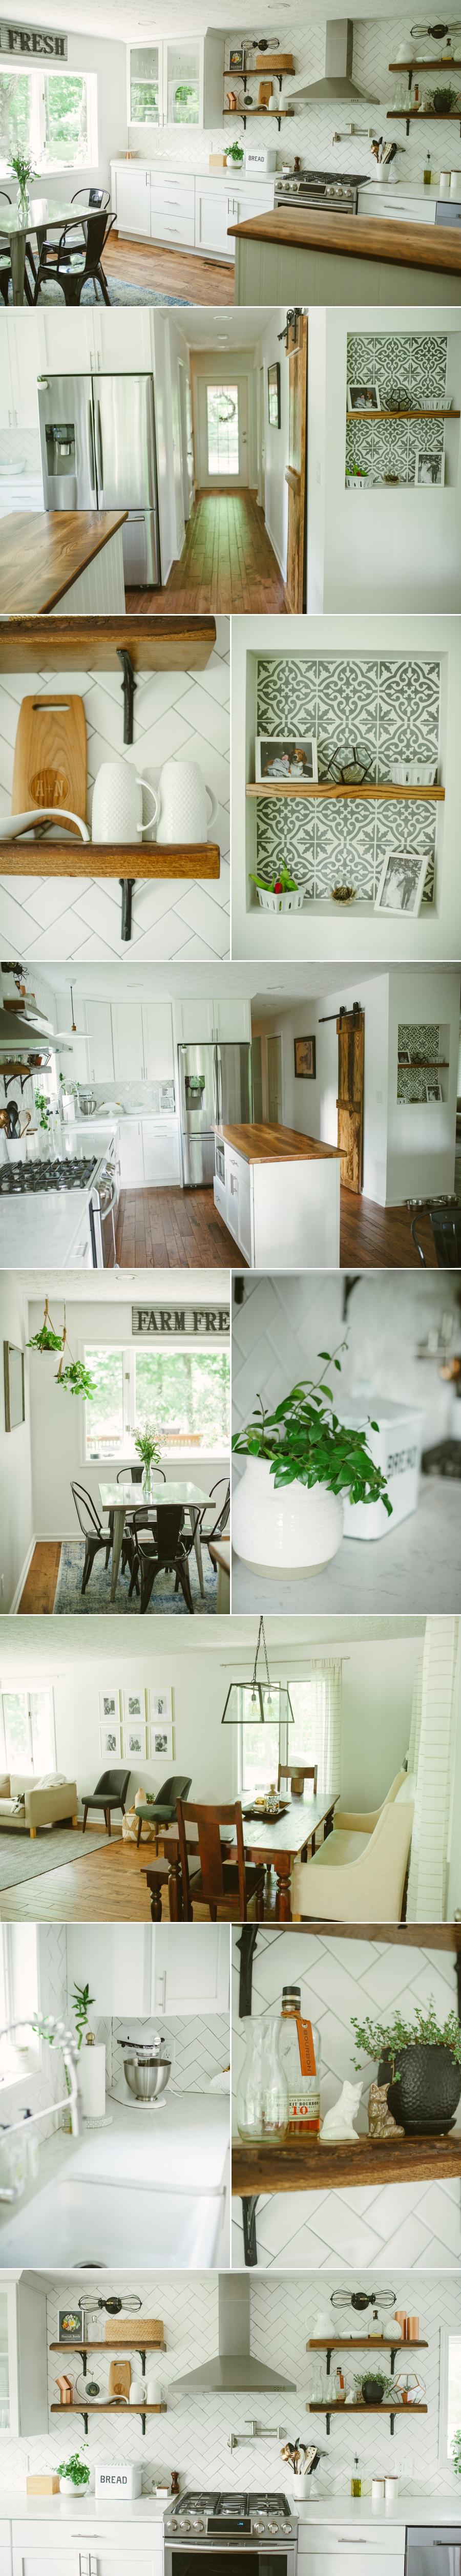 KitchenReno 4.jpg